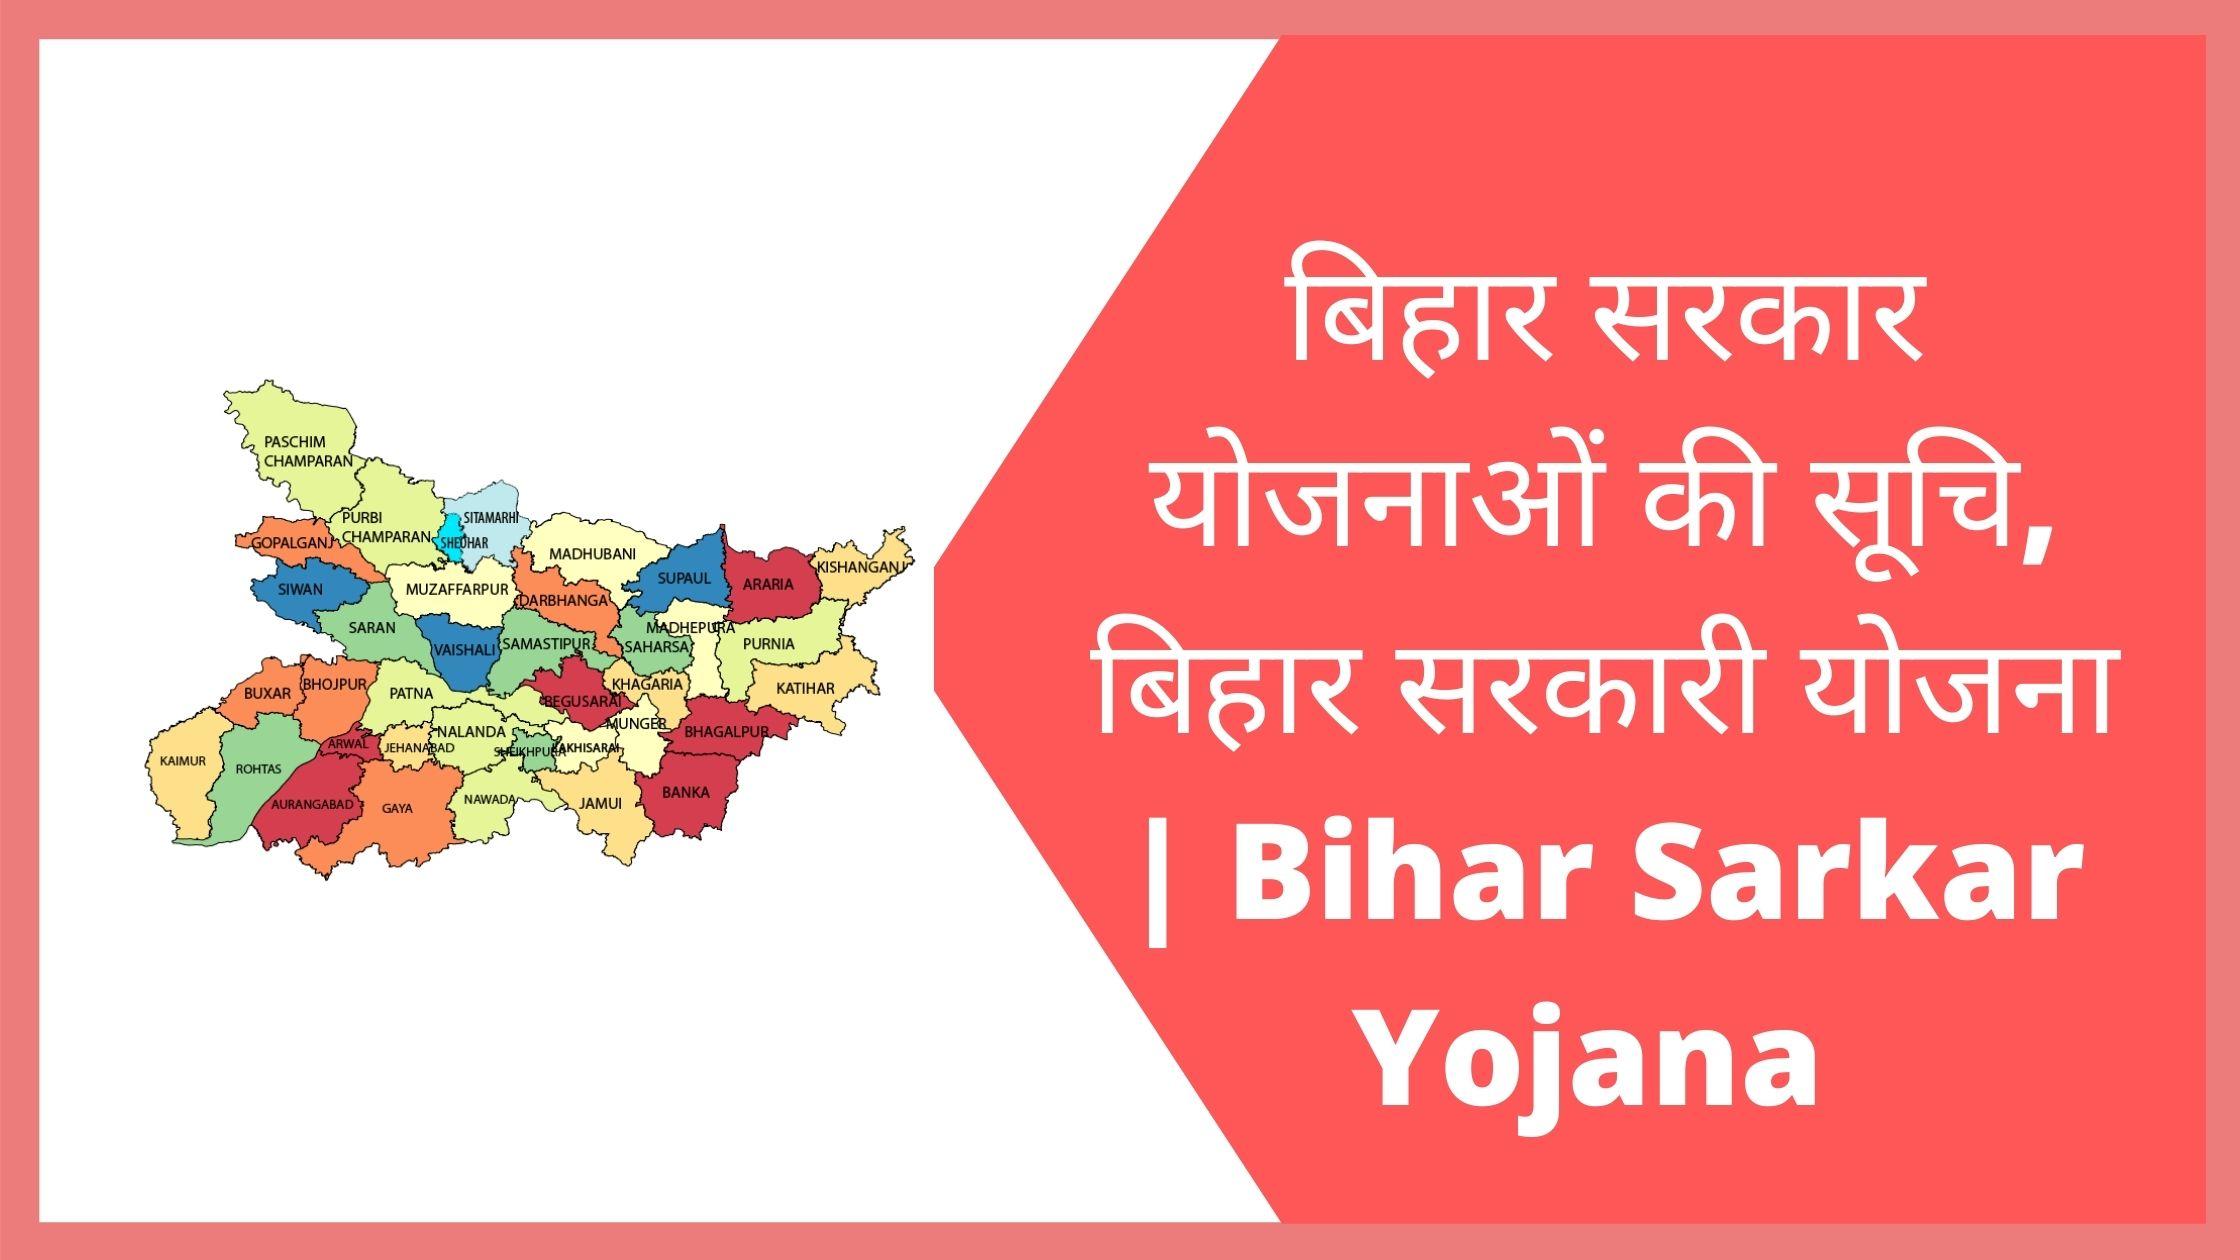 Bihar Sarkar Yojana